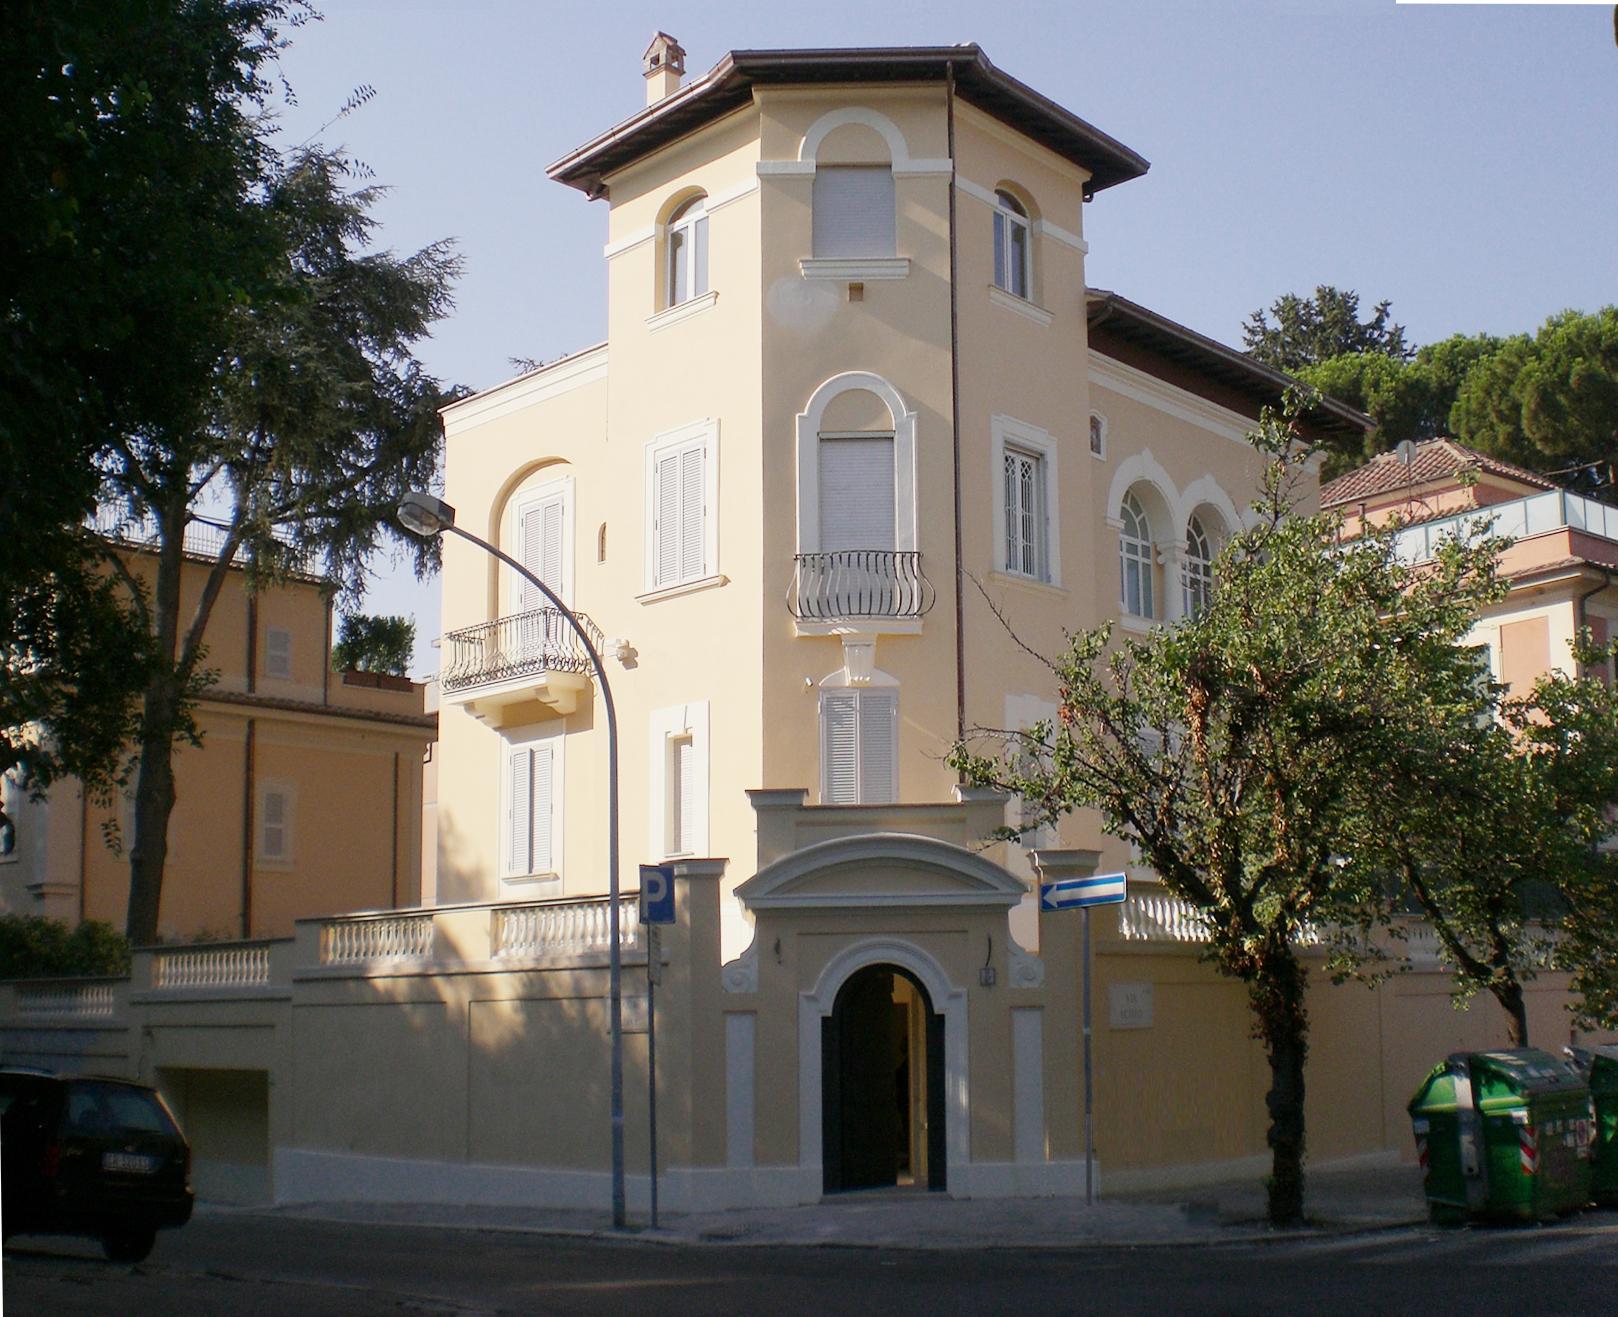 Piazza albina aventino for Aventino immobiliare